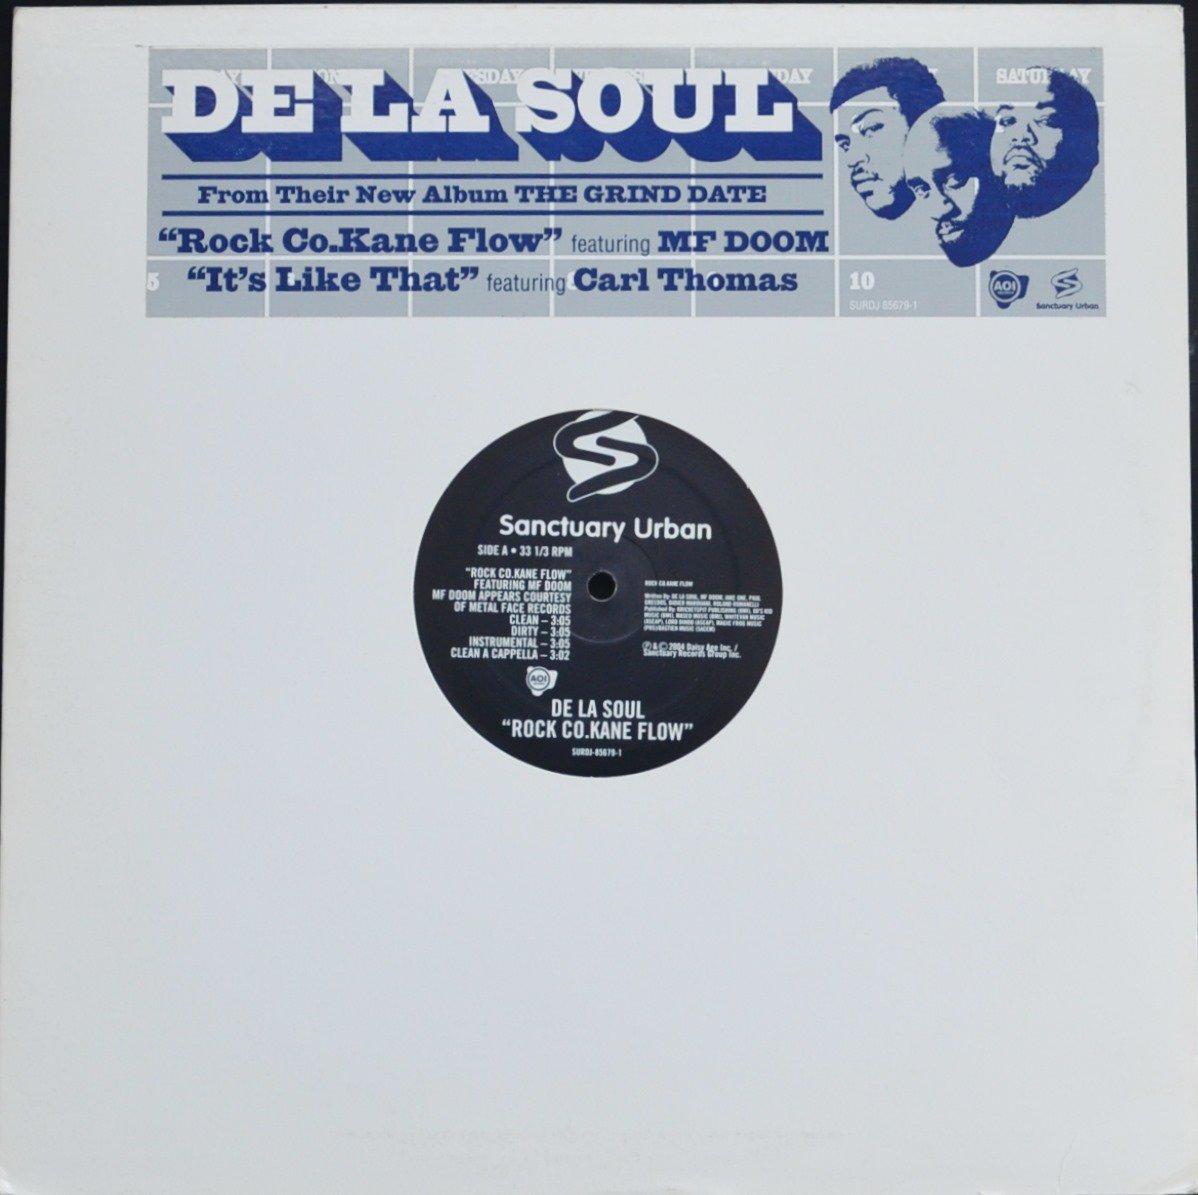 DE LA SOUL / ROCK CO.KANE FLOW (FEAT.MF DOOM) / IT'S LIKE THAT (12